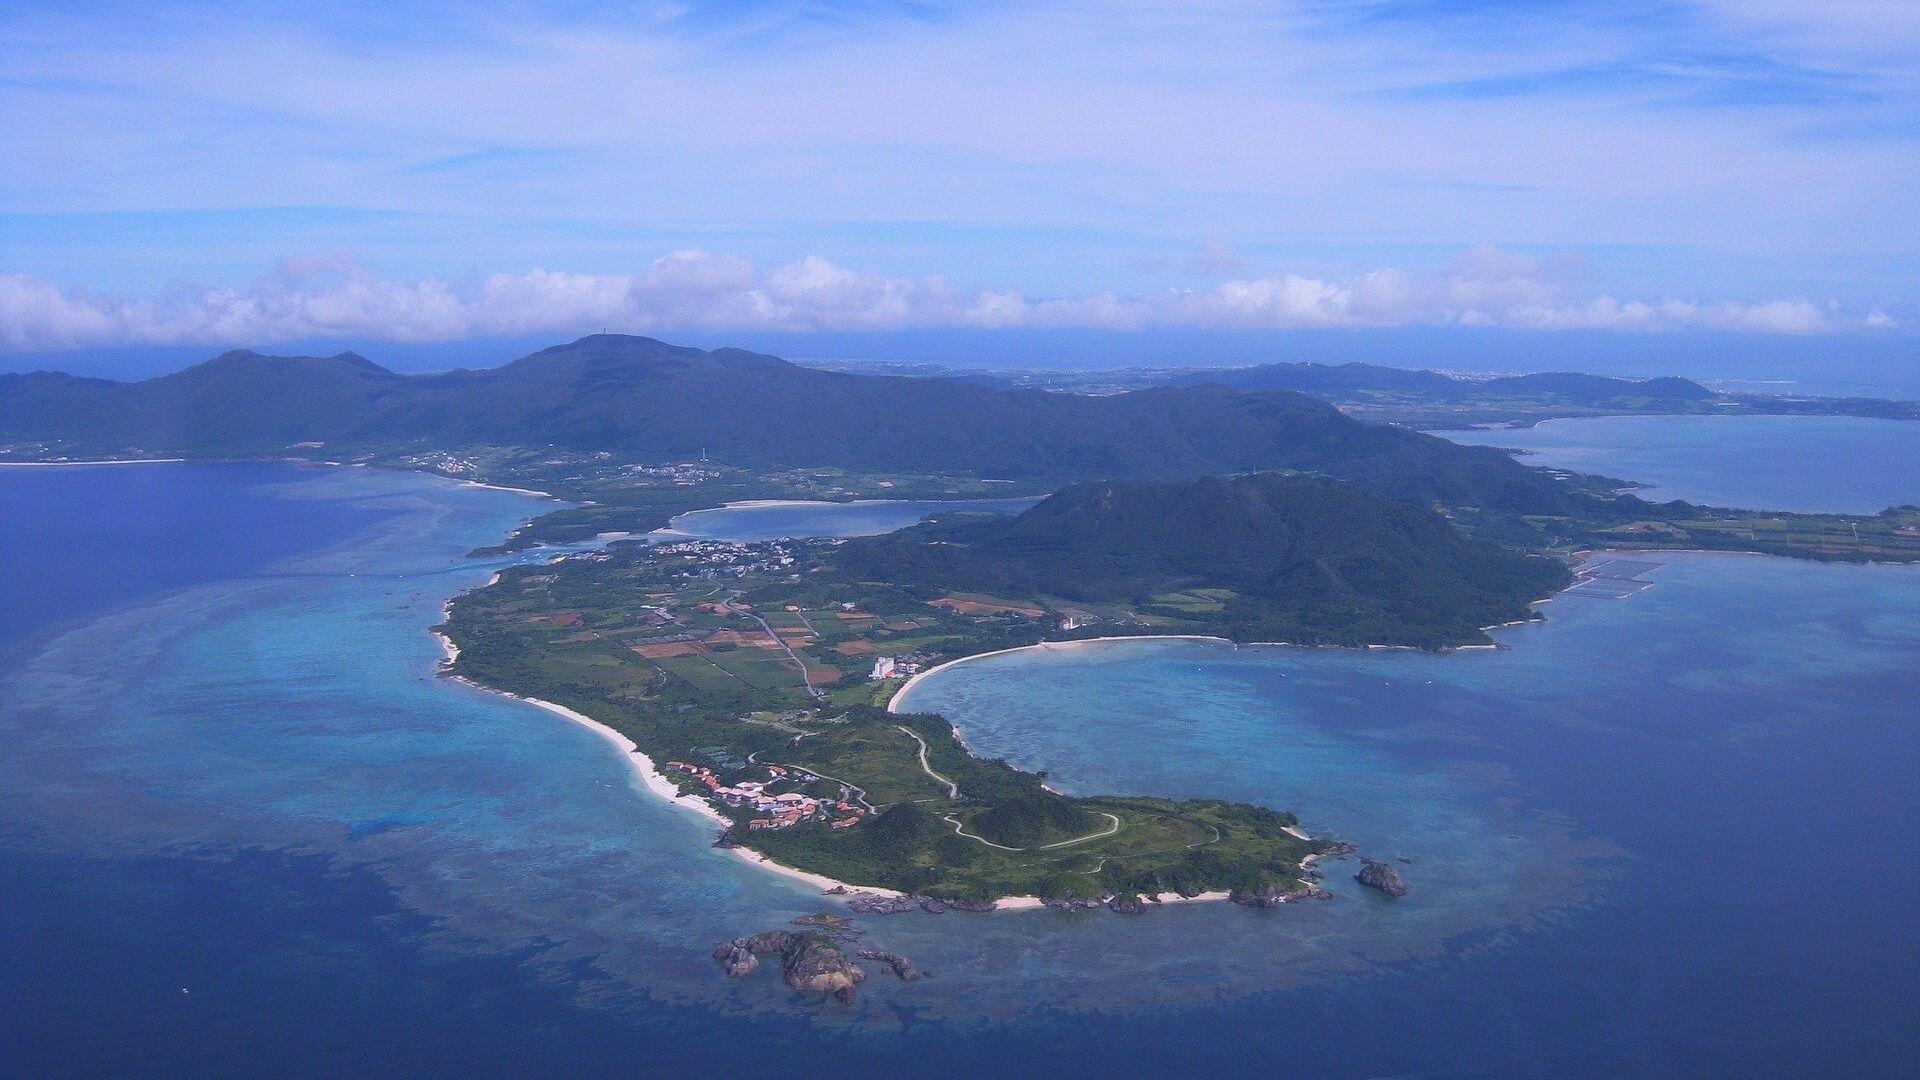 Una isla en el mar de China Oriental  - Sputnik Mundo, 1920, 02.03.2021